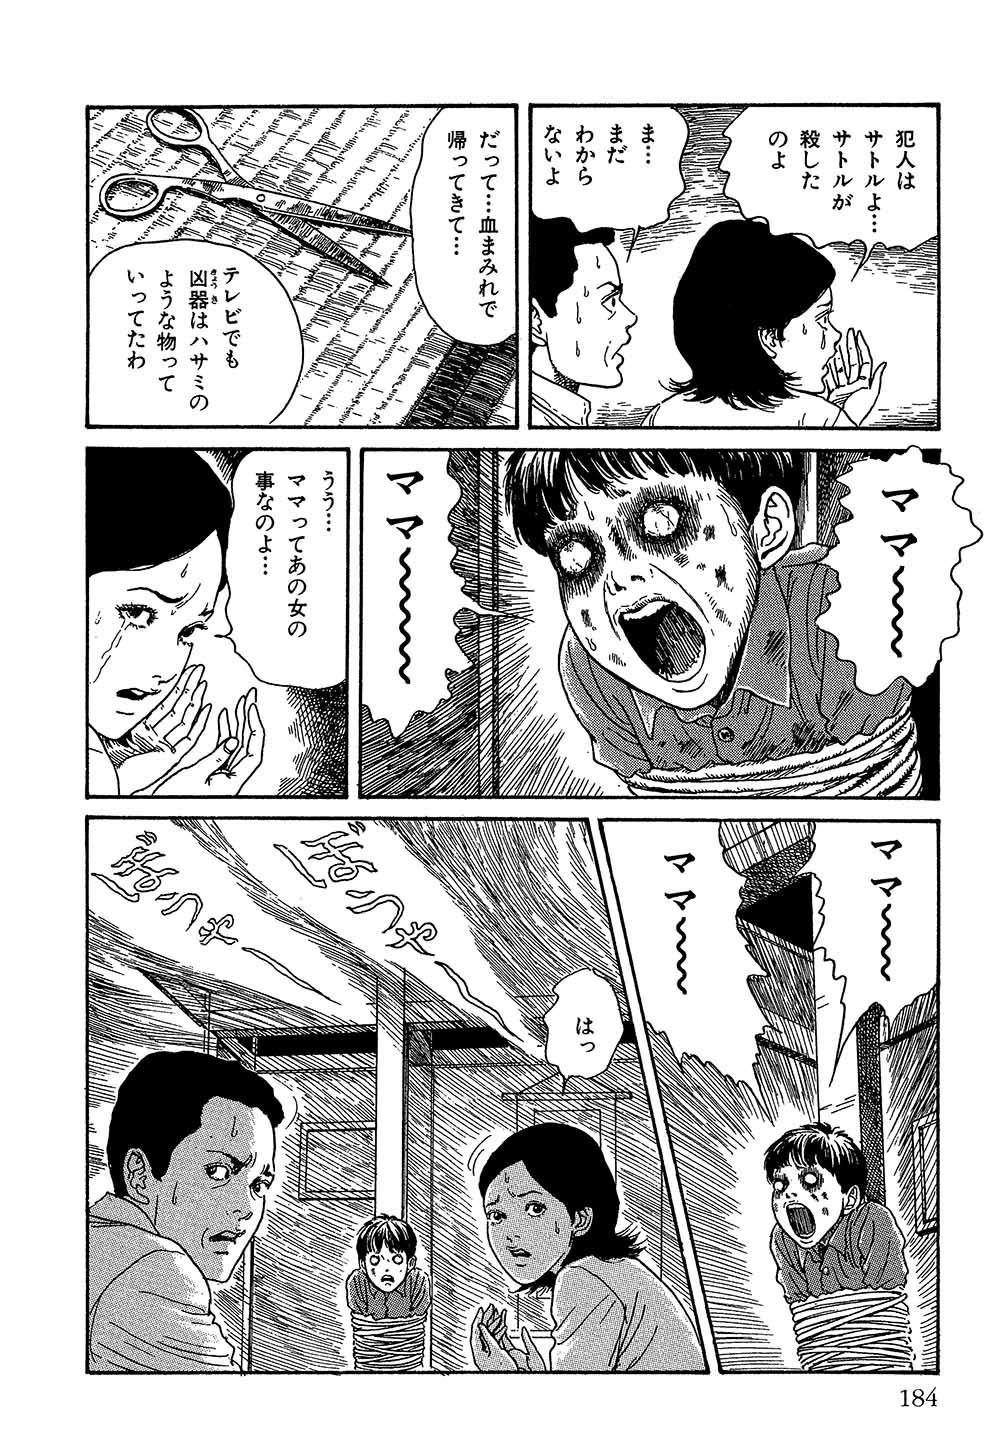 itouj_0002_0186.jpg